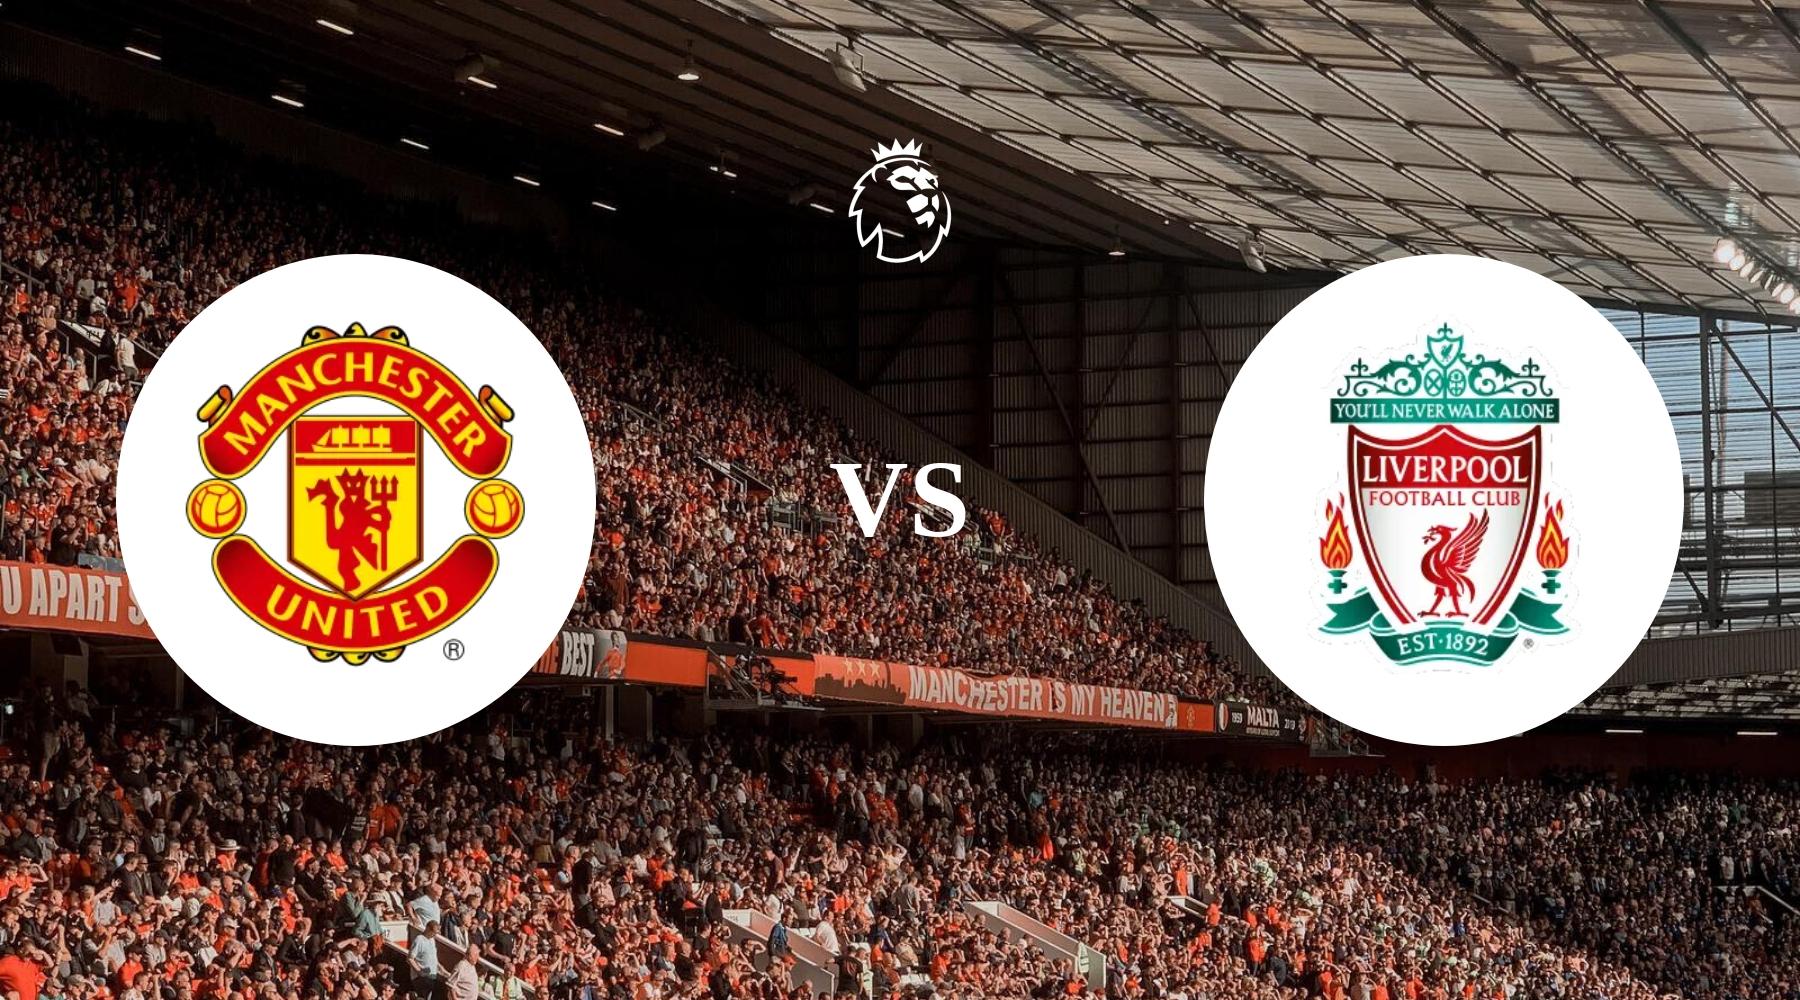 Manchester United kan lamme Liverpools jagt på fjerdeplads